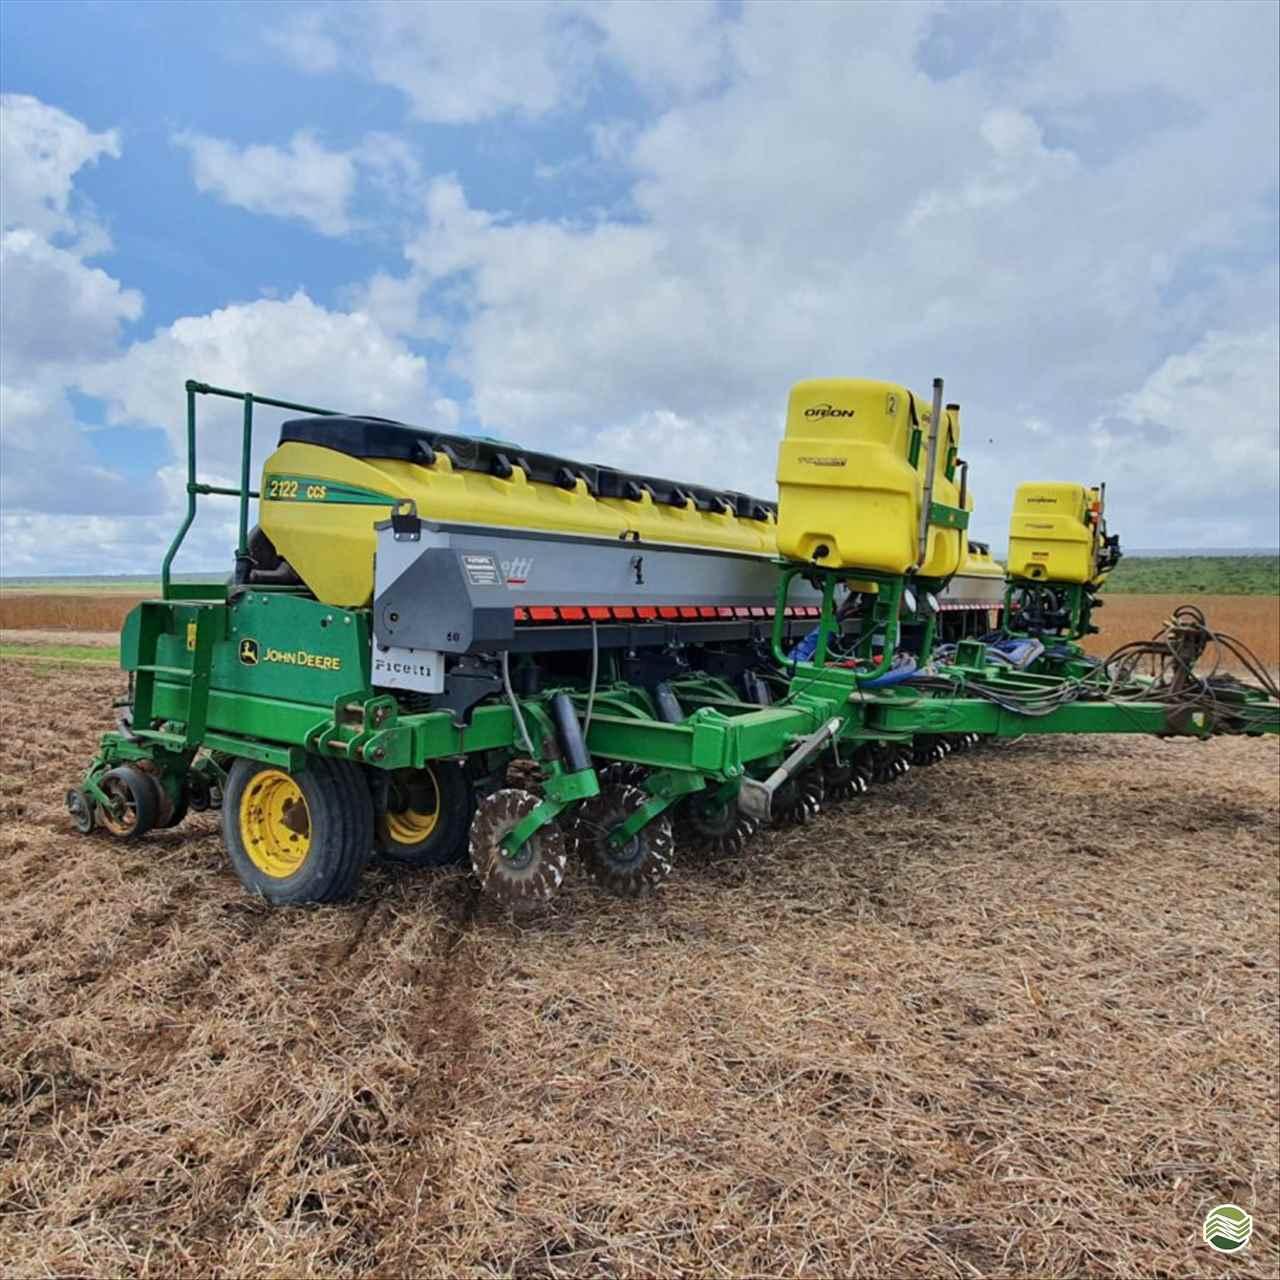 PLANTADEIRA JOHN DEERE PLANTADEIRAS 2122 Agrifram Máquinas e Soluções Agrícolas LUIS EDUARDO MAGALHAES BAHIA BA